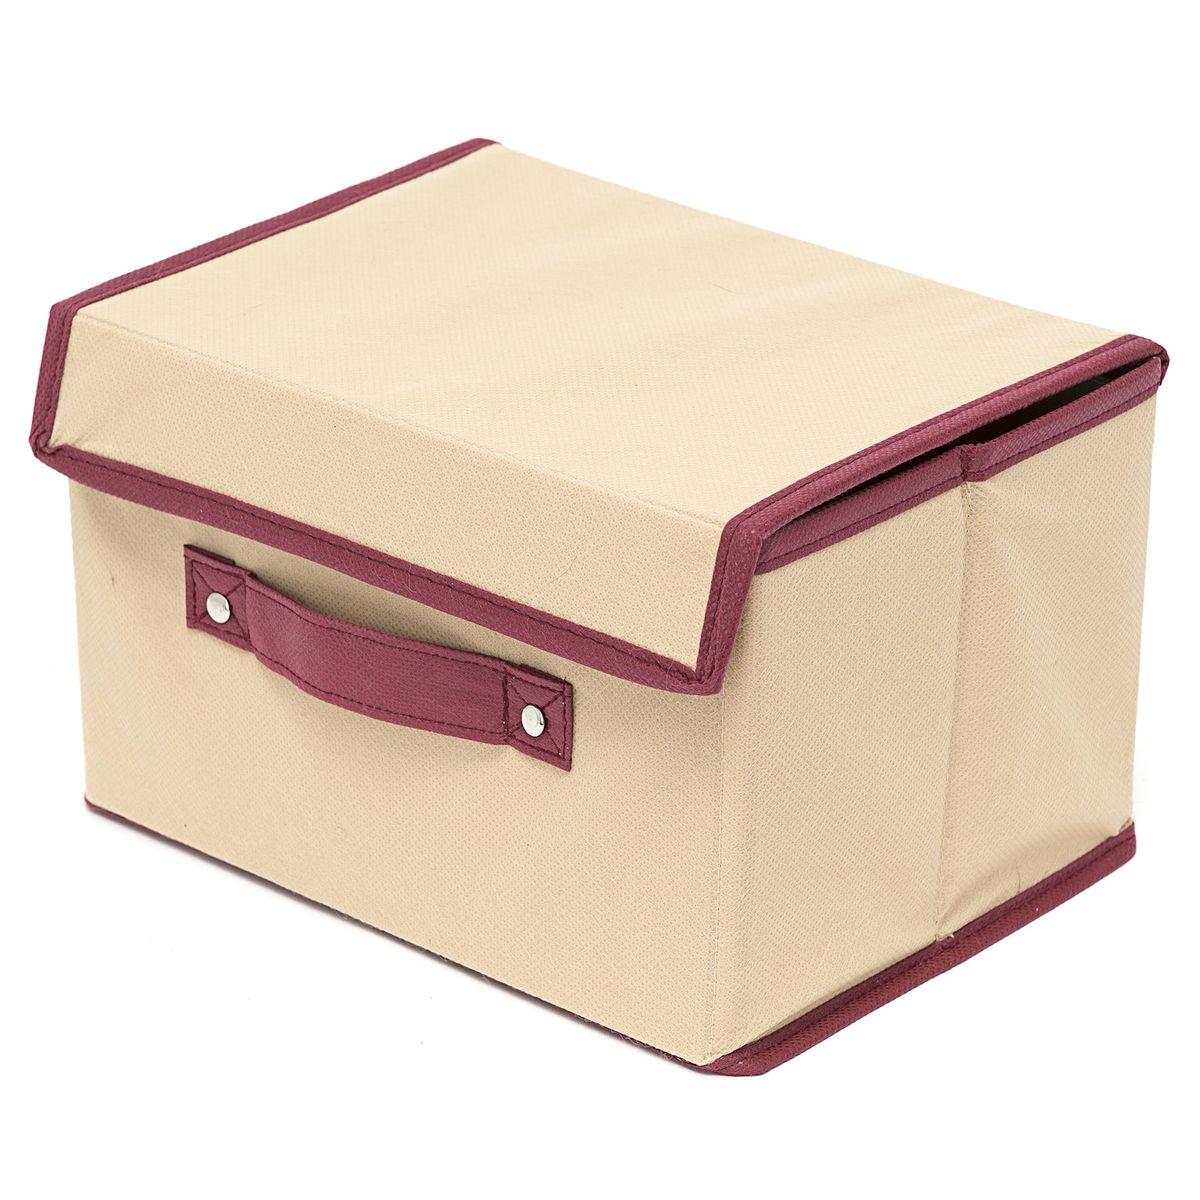 Коробка для хранения Homsu Comfort, с крышкой, цвет: бежевый, 38 x 25 x 25 смHOM-682Коробка для хранения Homsu  Comfort изготовлена из поливинилхлорида и спанбонда. Изделие легко и быстро складывается. Оптимальный размер позволяет хранить в ней любые вещи и предметы. Изделие имеет жесткие борта и крышку, что является гарантией сохранности вещей. Коробка дополнена ручкой.